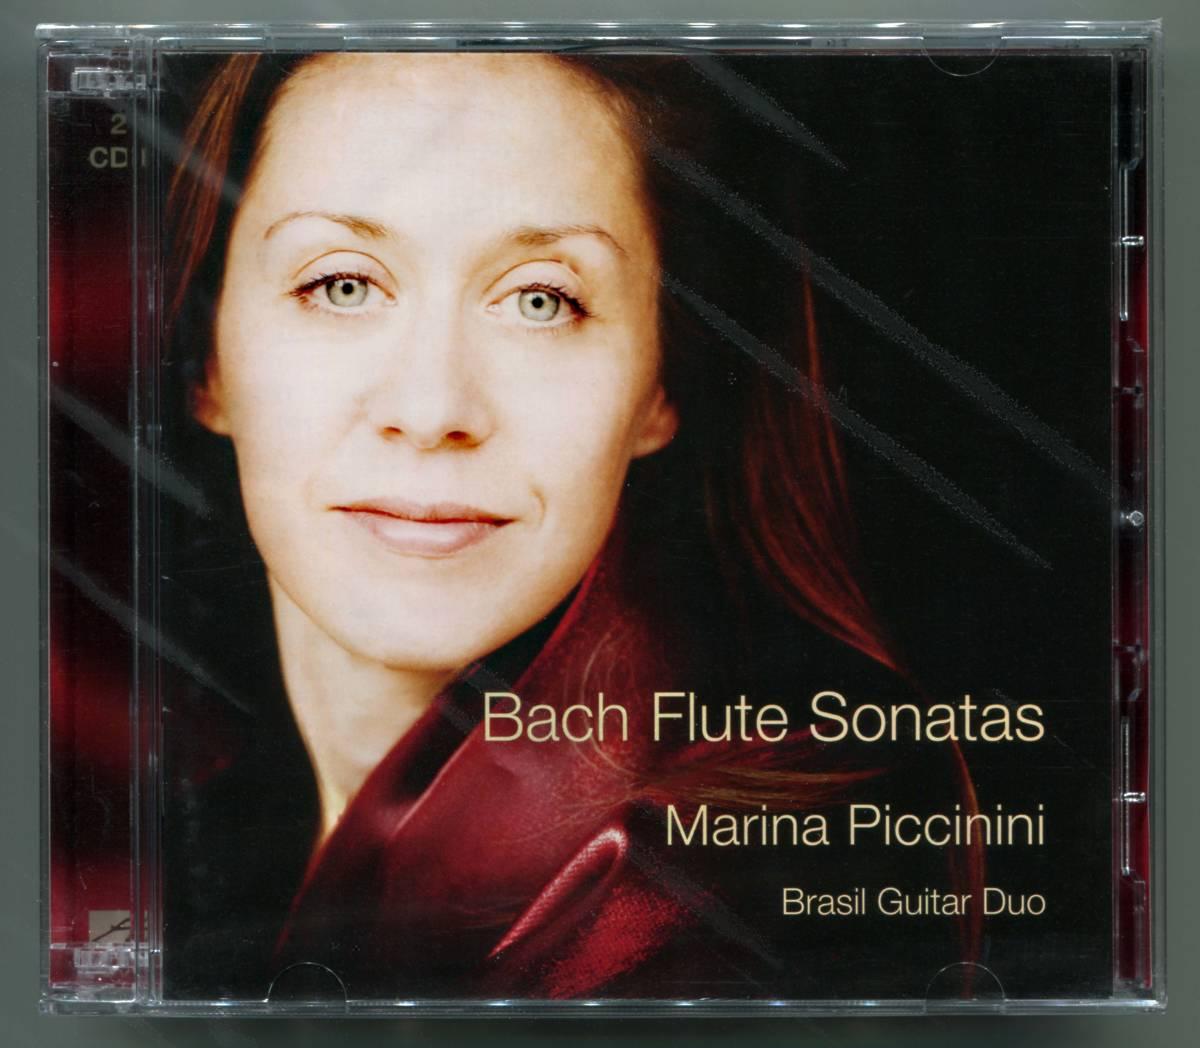 ☆送料込/未開封/ マリーナ・ピッチニーニ&ブラジル・ギター・デュオ Marina Piccinini & Brasil Guitar Duo / Bach Flute Sonatas 2CD_画像1